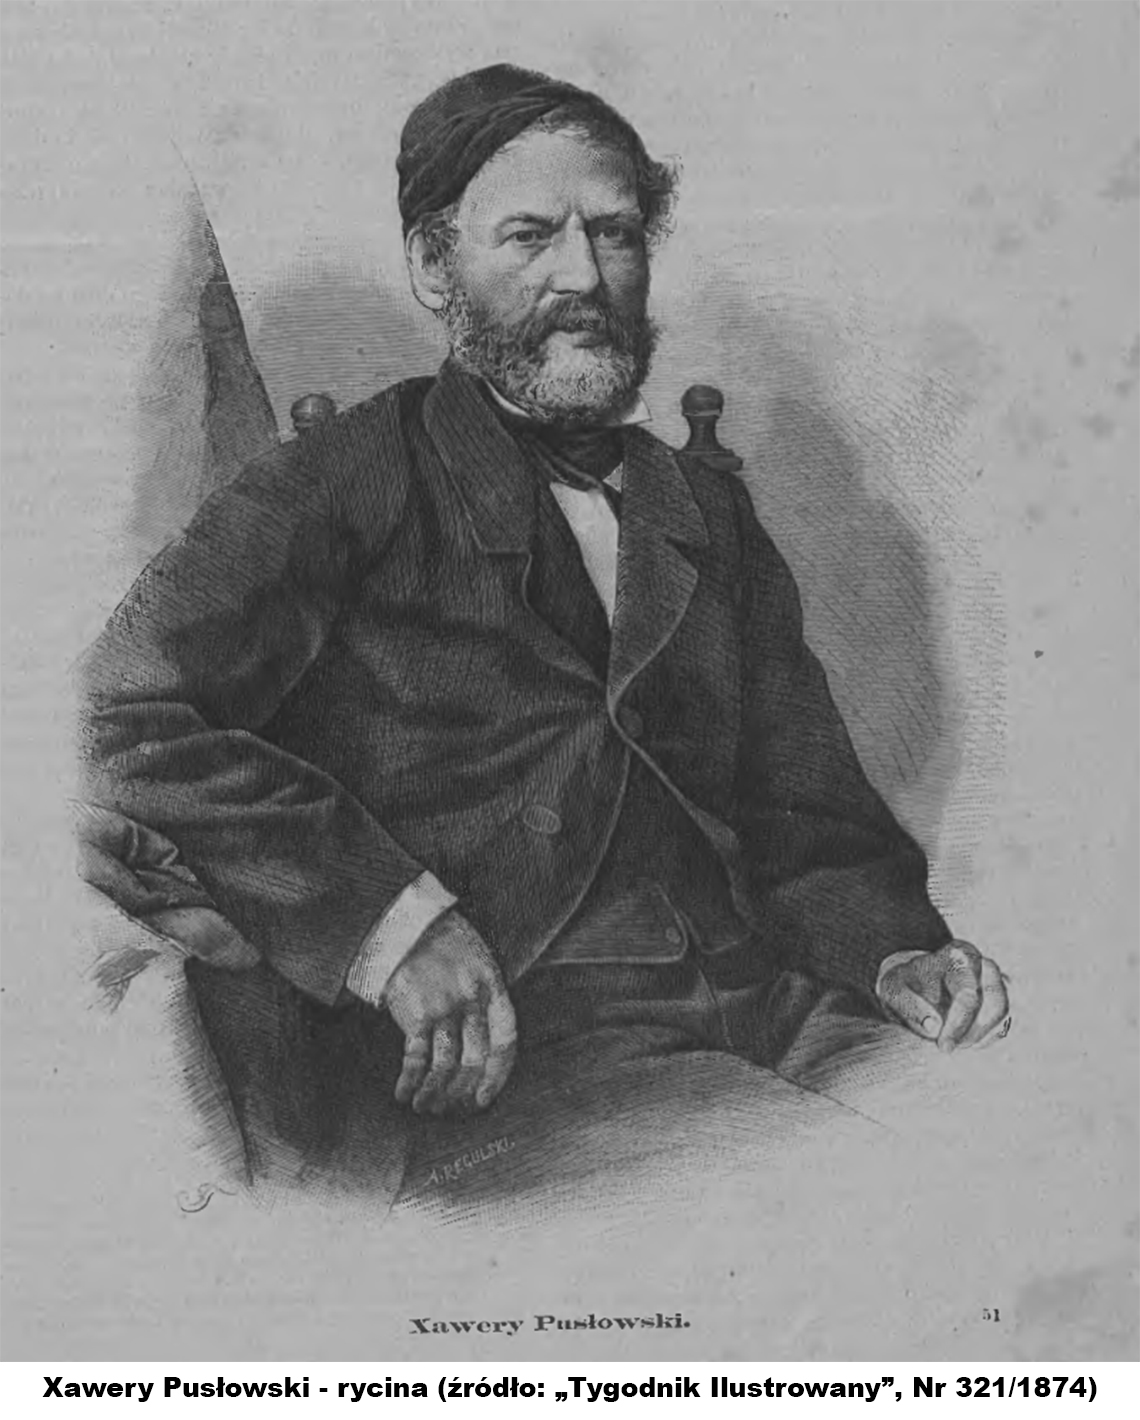 """Xawery Pusłowski - rycina (źródło """"Tygodnik Ilustrowany"""" Nr 321/1874)"""